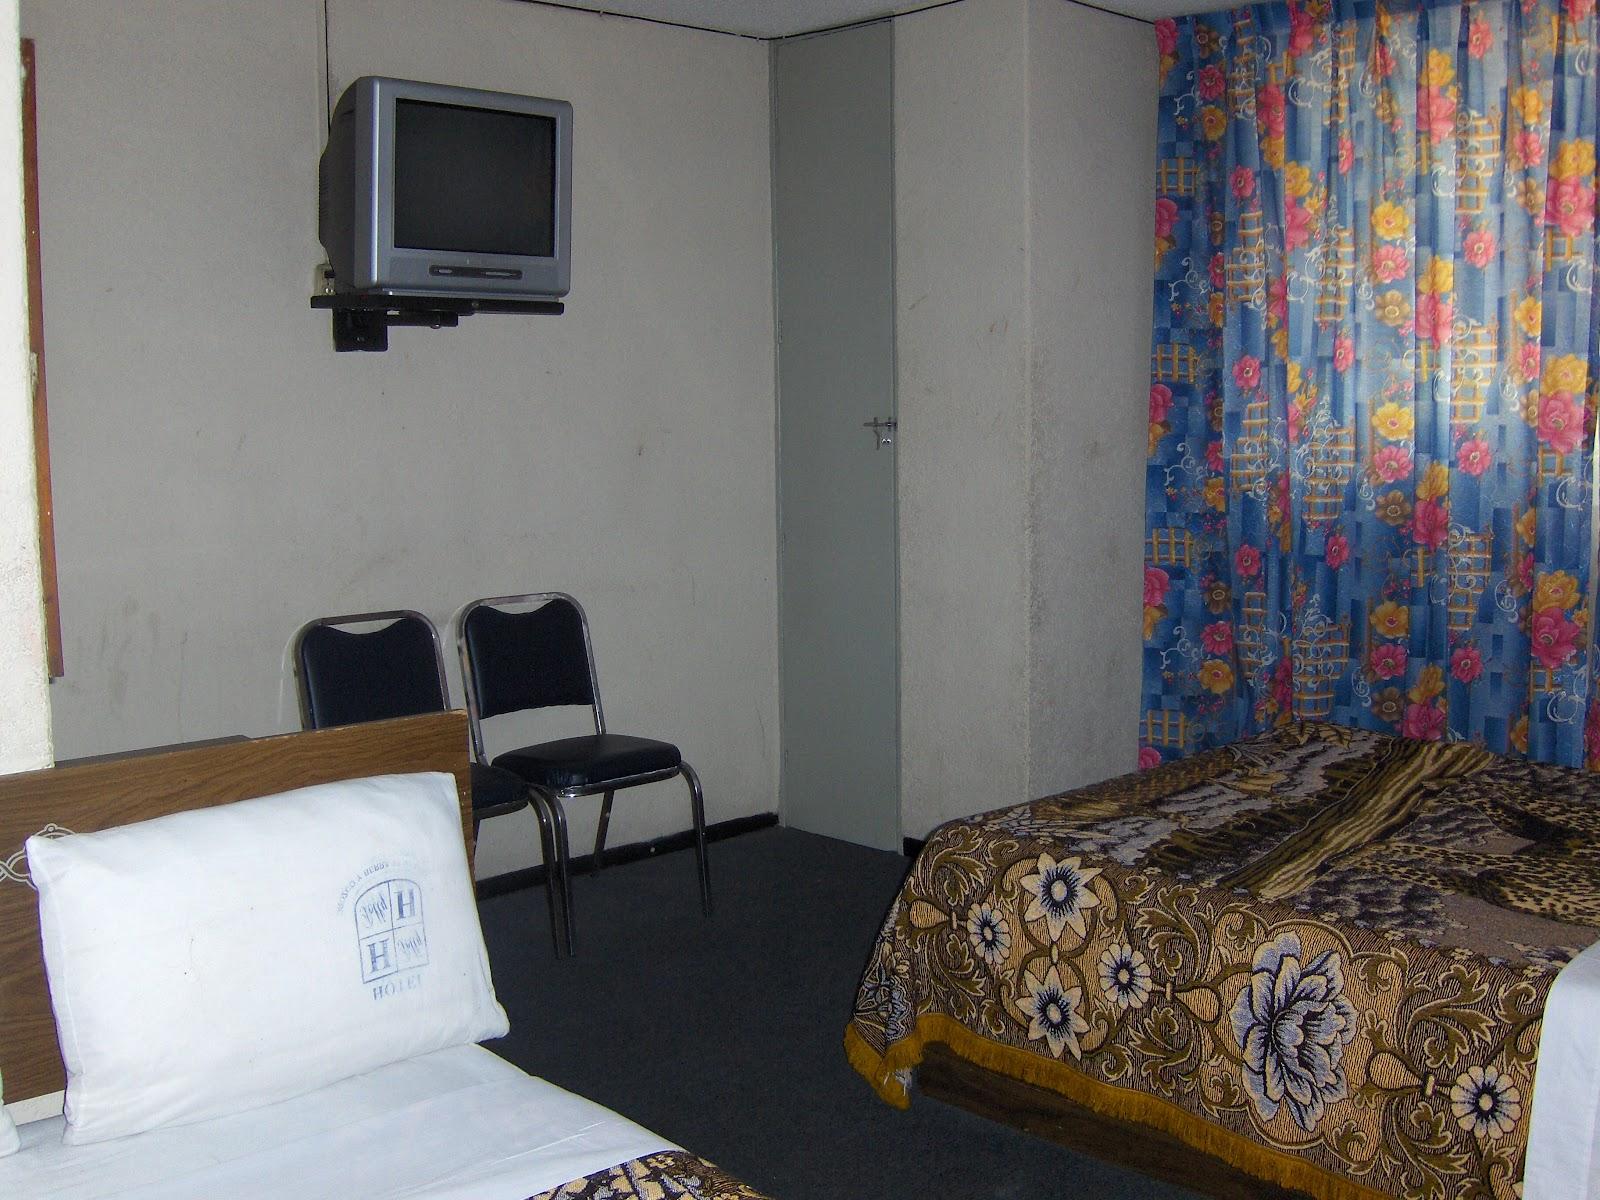 Habitaciones con dos camas hotel polly - Habitacion con dos camas ...